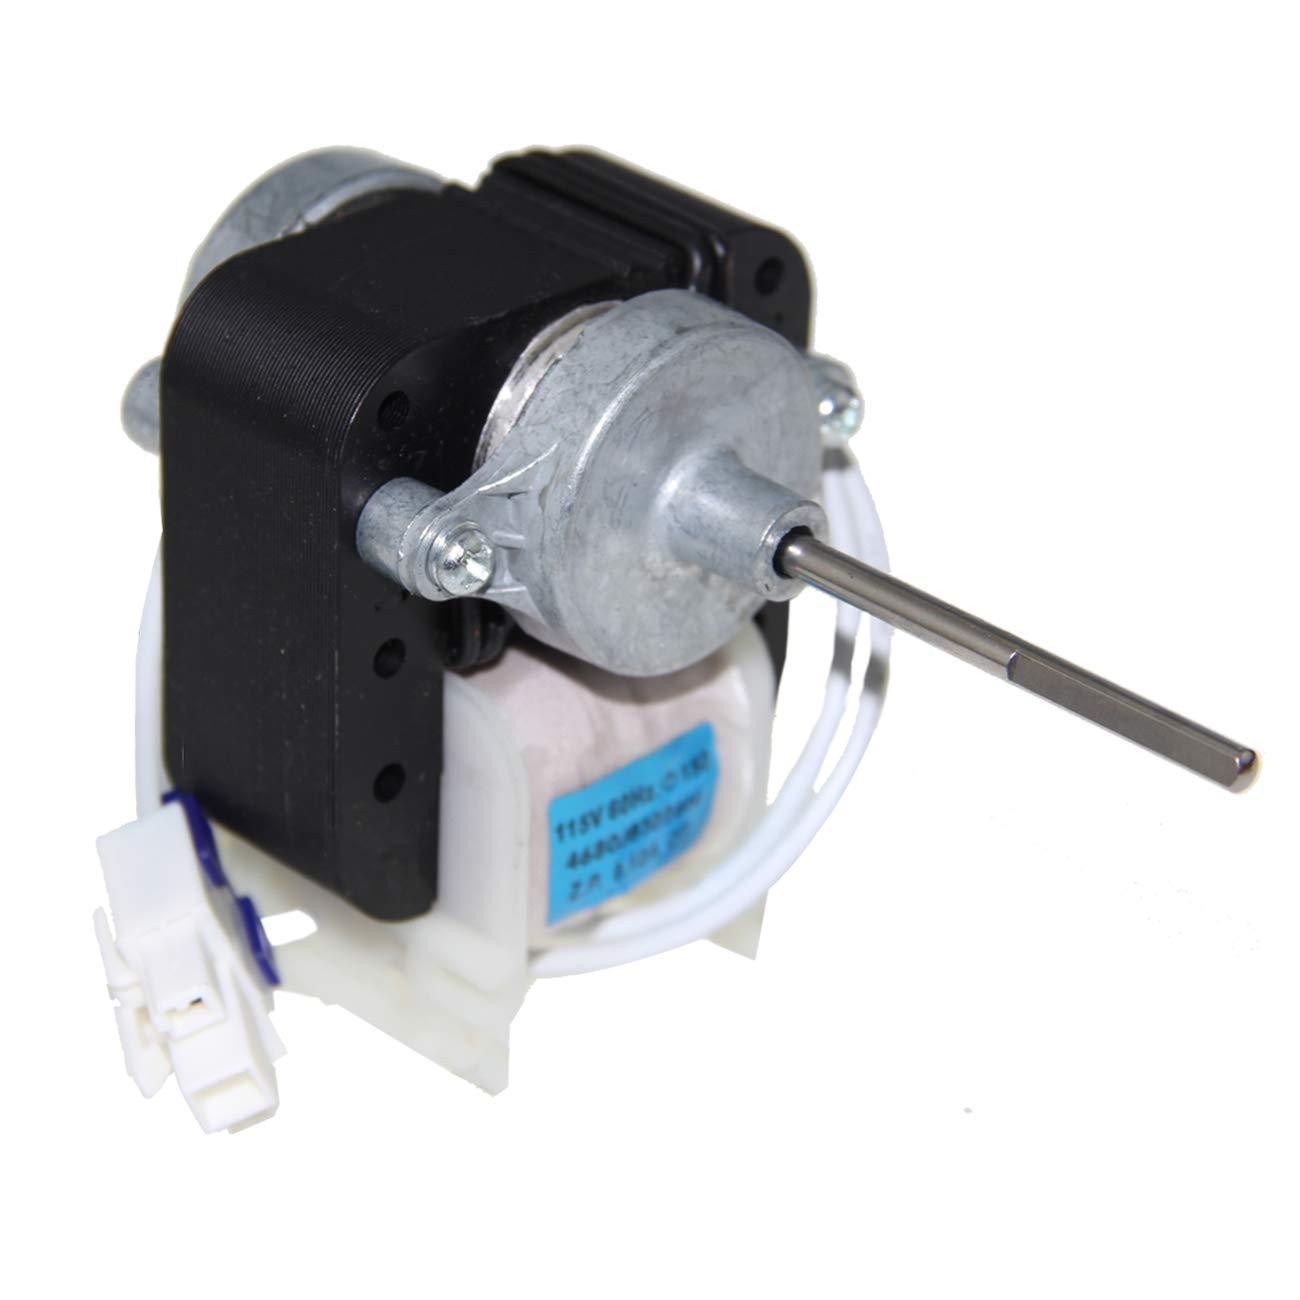 4680JB1026H Refrigerator Condenser Cooling Fan Motor for LG 680JB1026H, PS3523107, 1330001, AP4440743